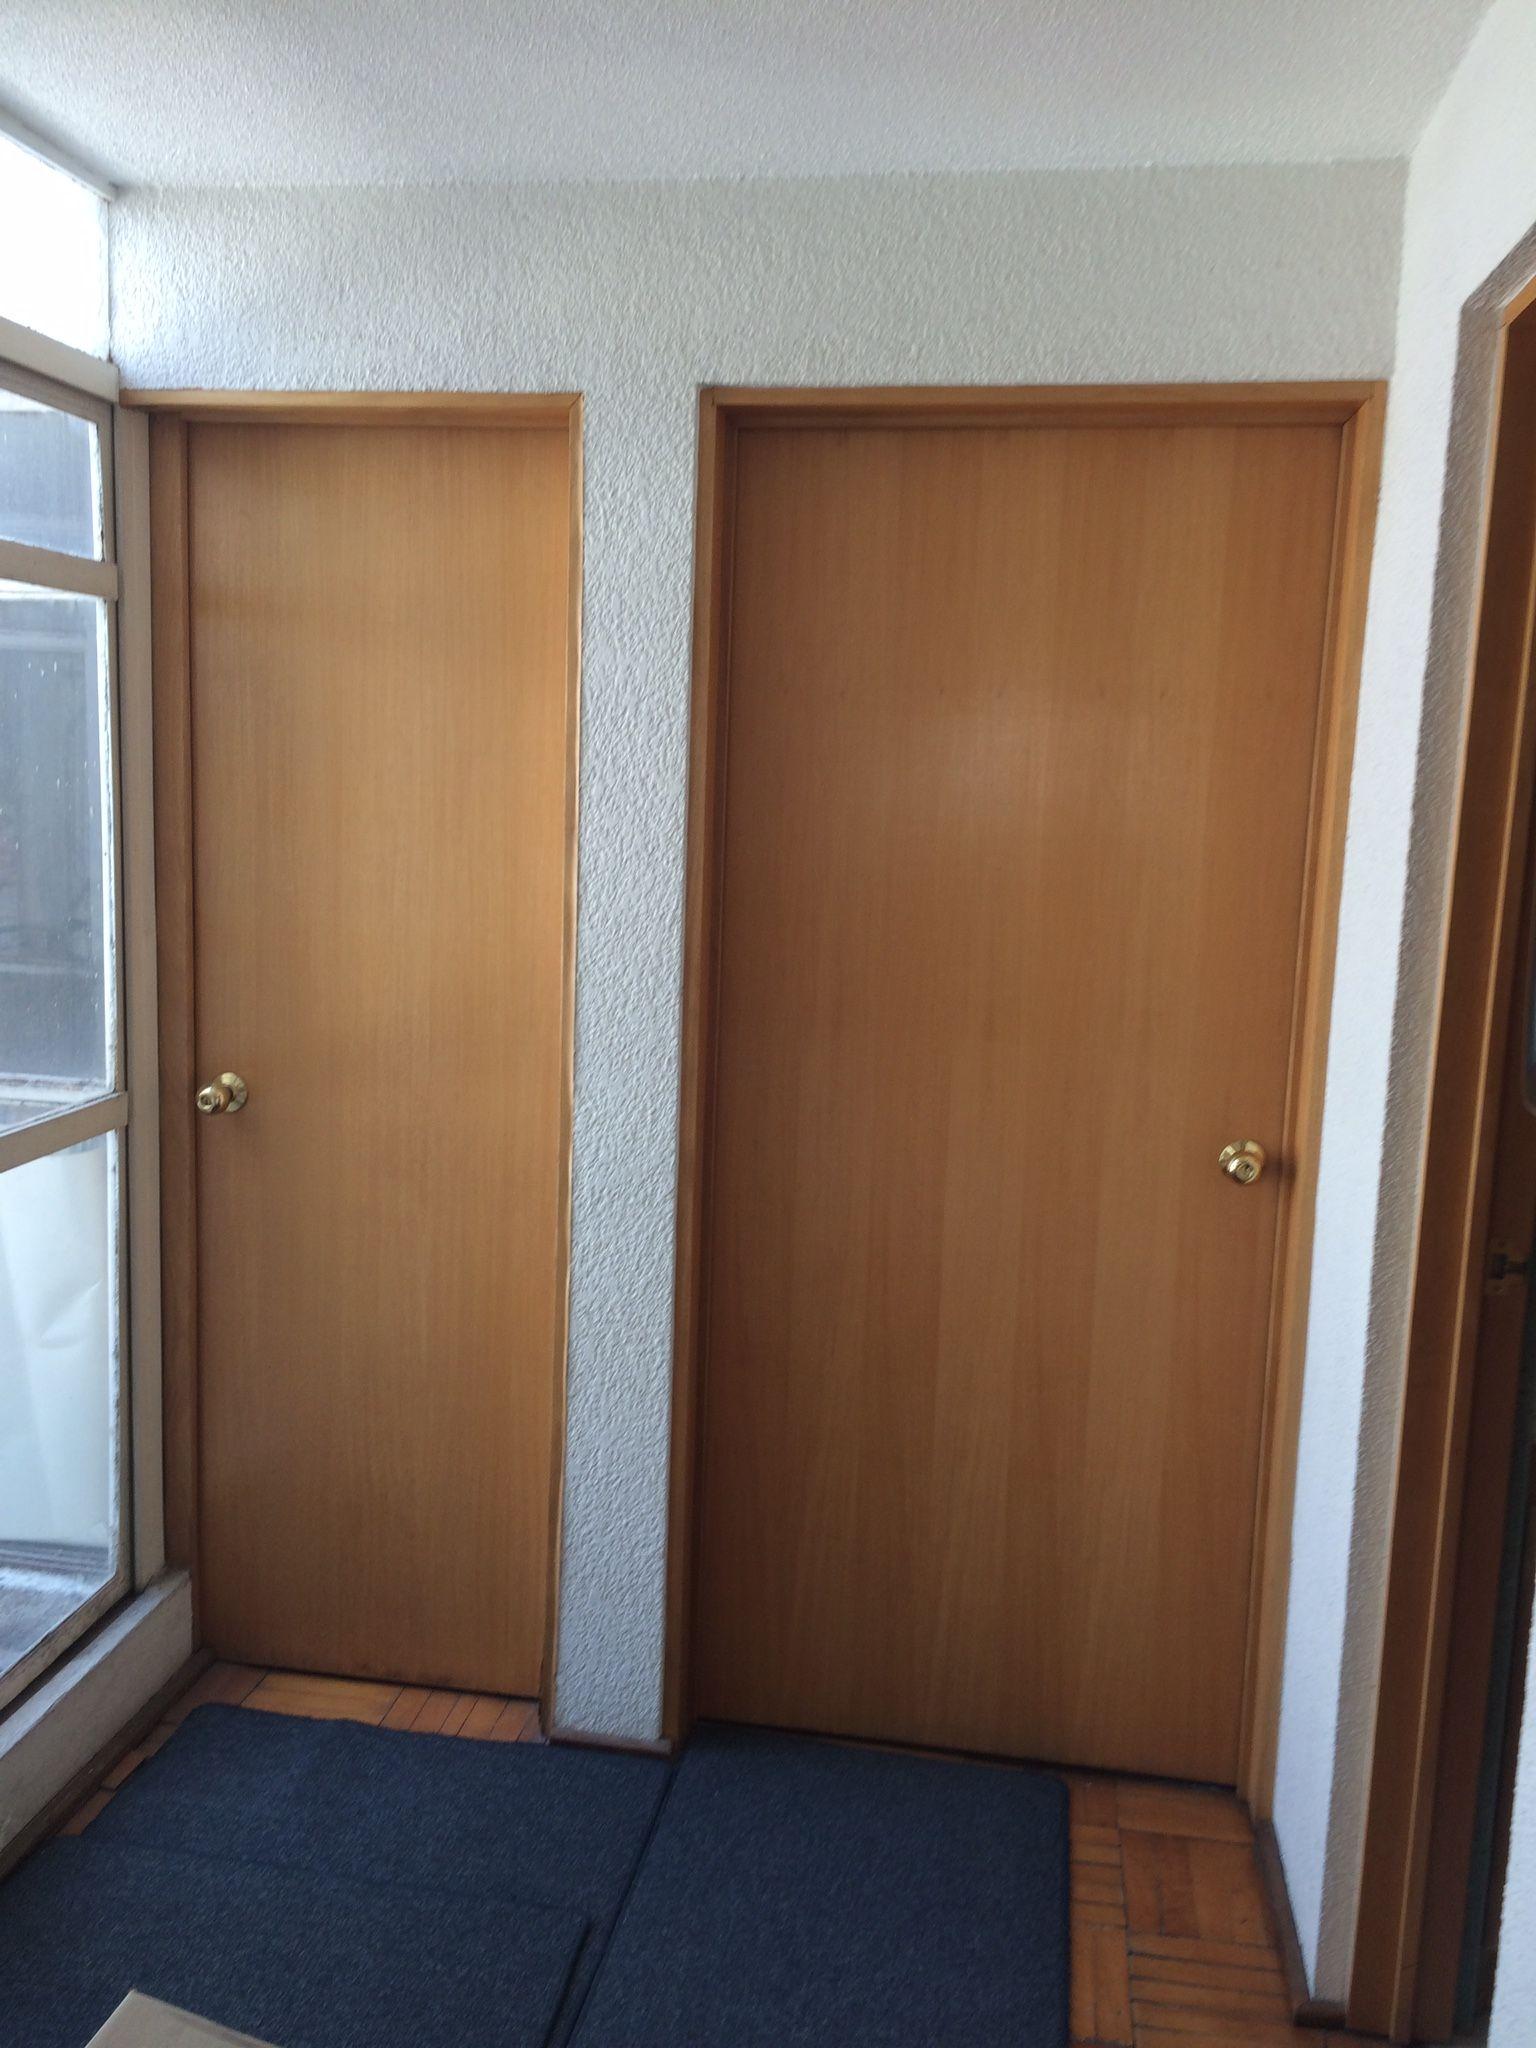 Puertas de cedro real decoraci n pinterest cedros y for Puertas de metal para interiores